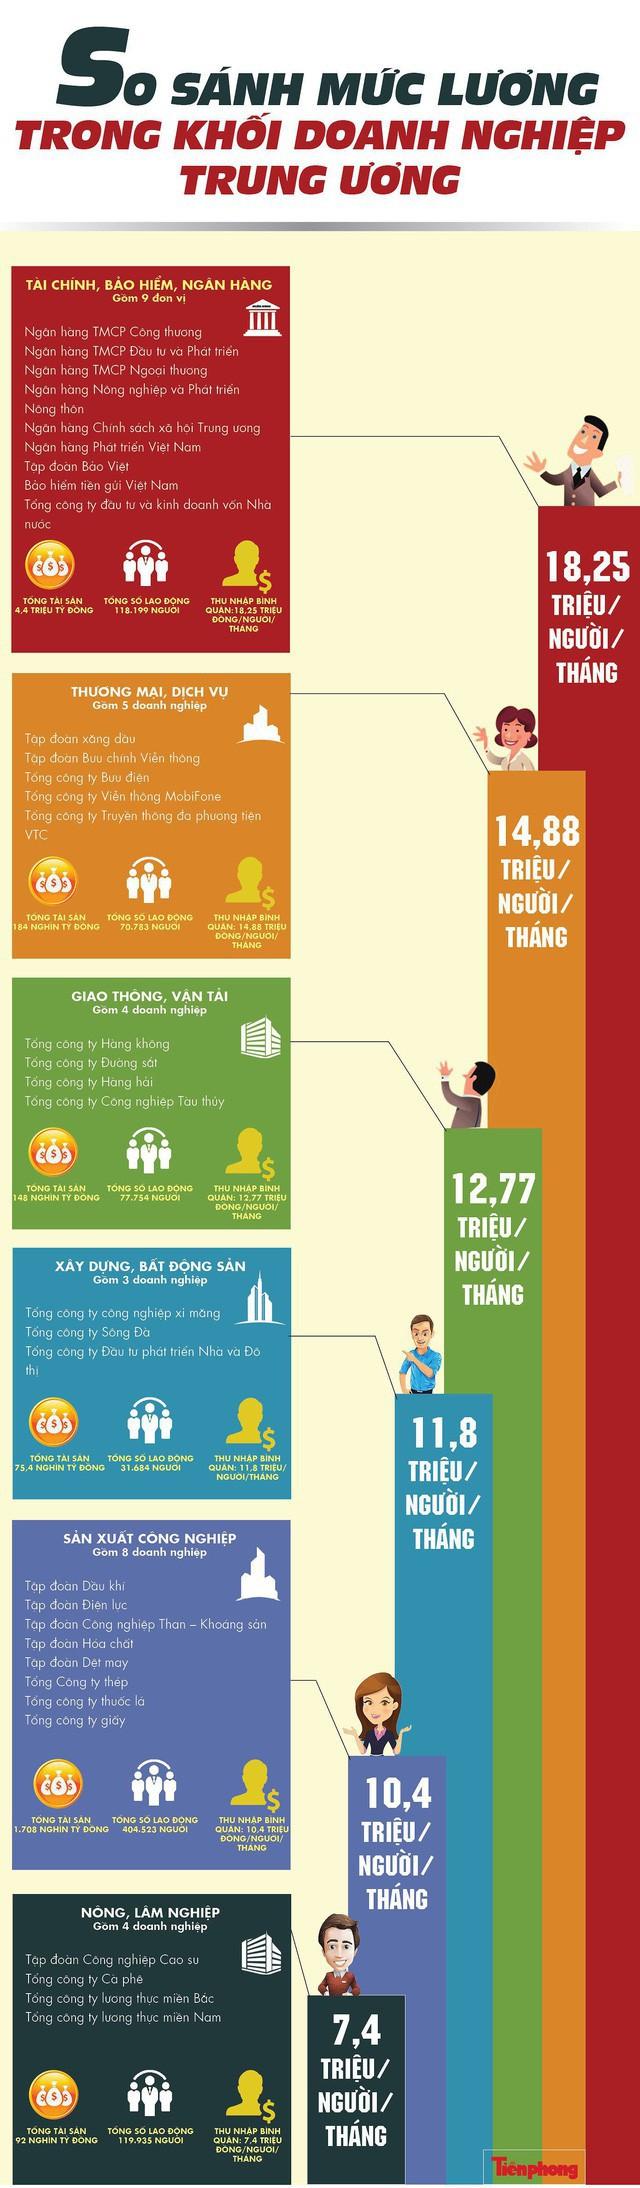 [Infographics] Doanh nghiệp Trung ương nào lương cao nhất? - Ảnh 1.